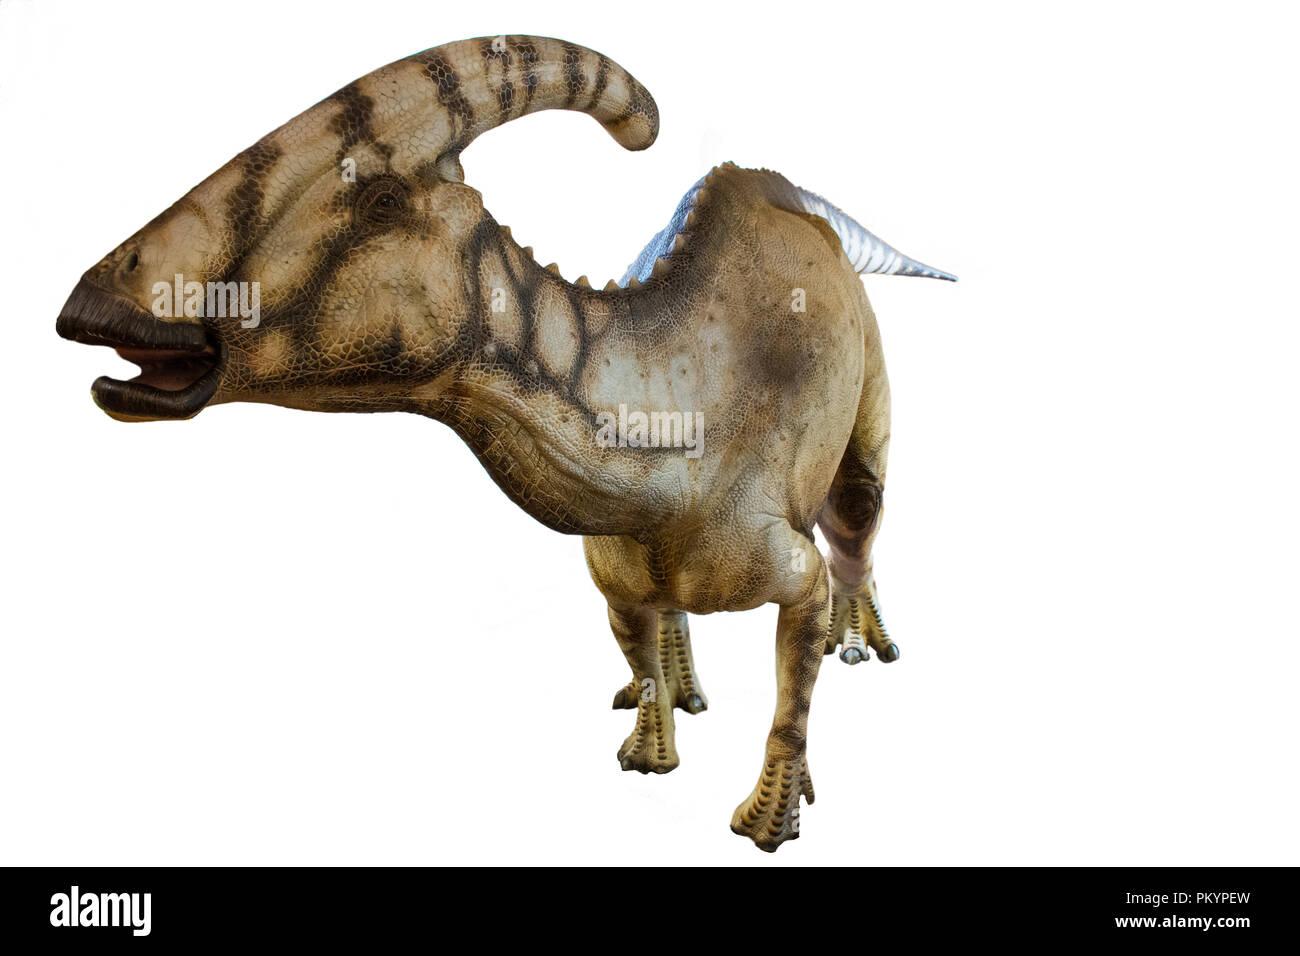 Parasaurolophus isolated on white background - Stock Image